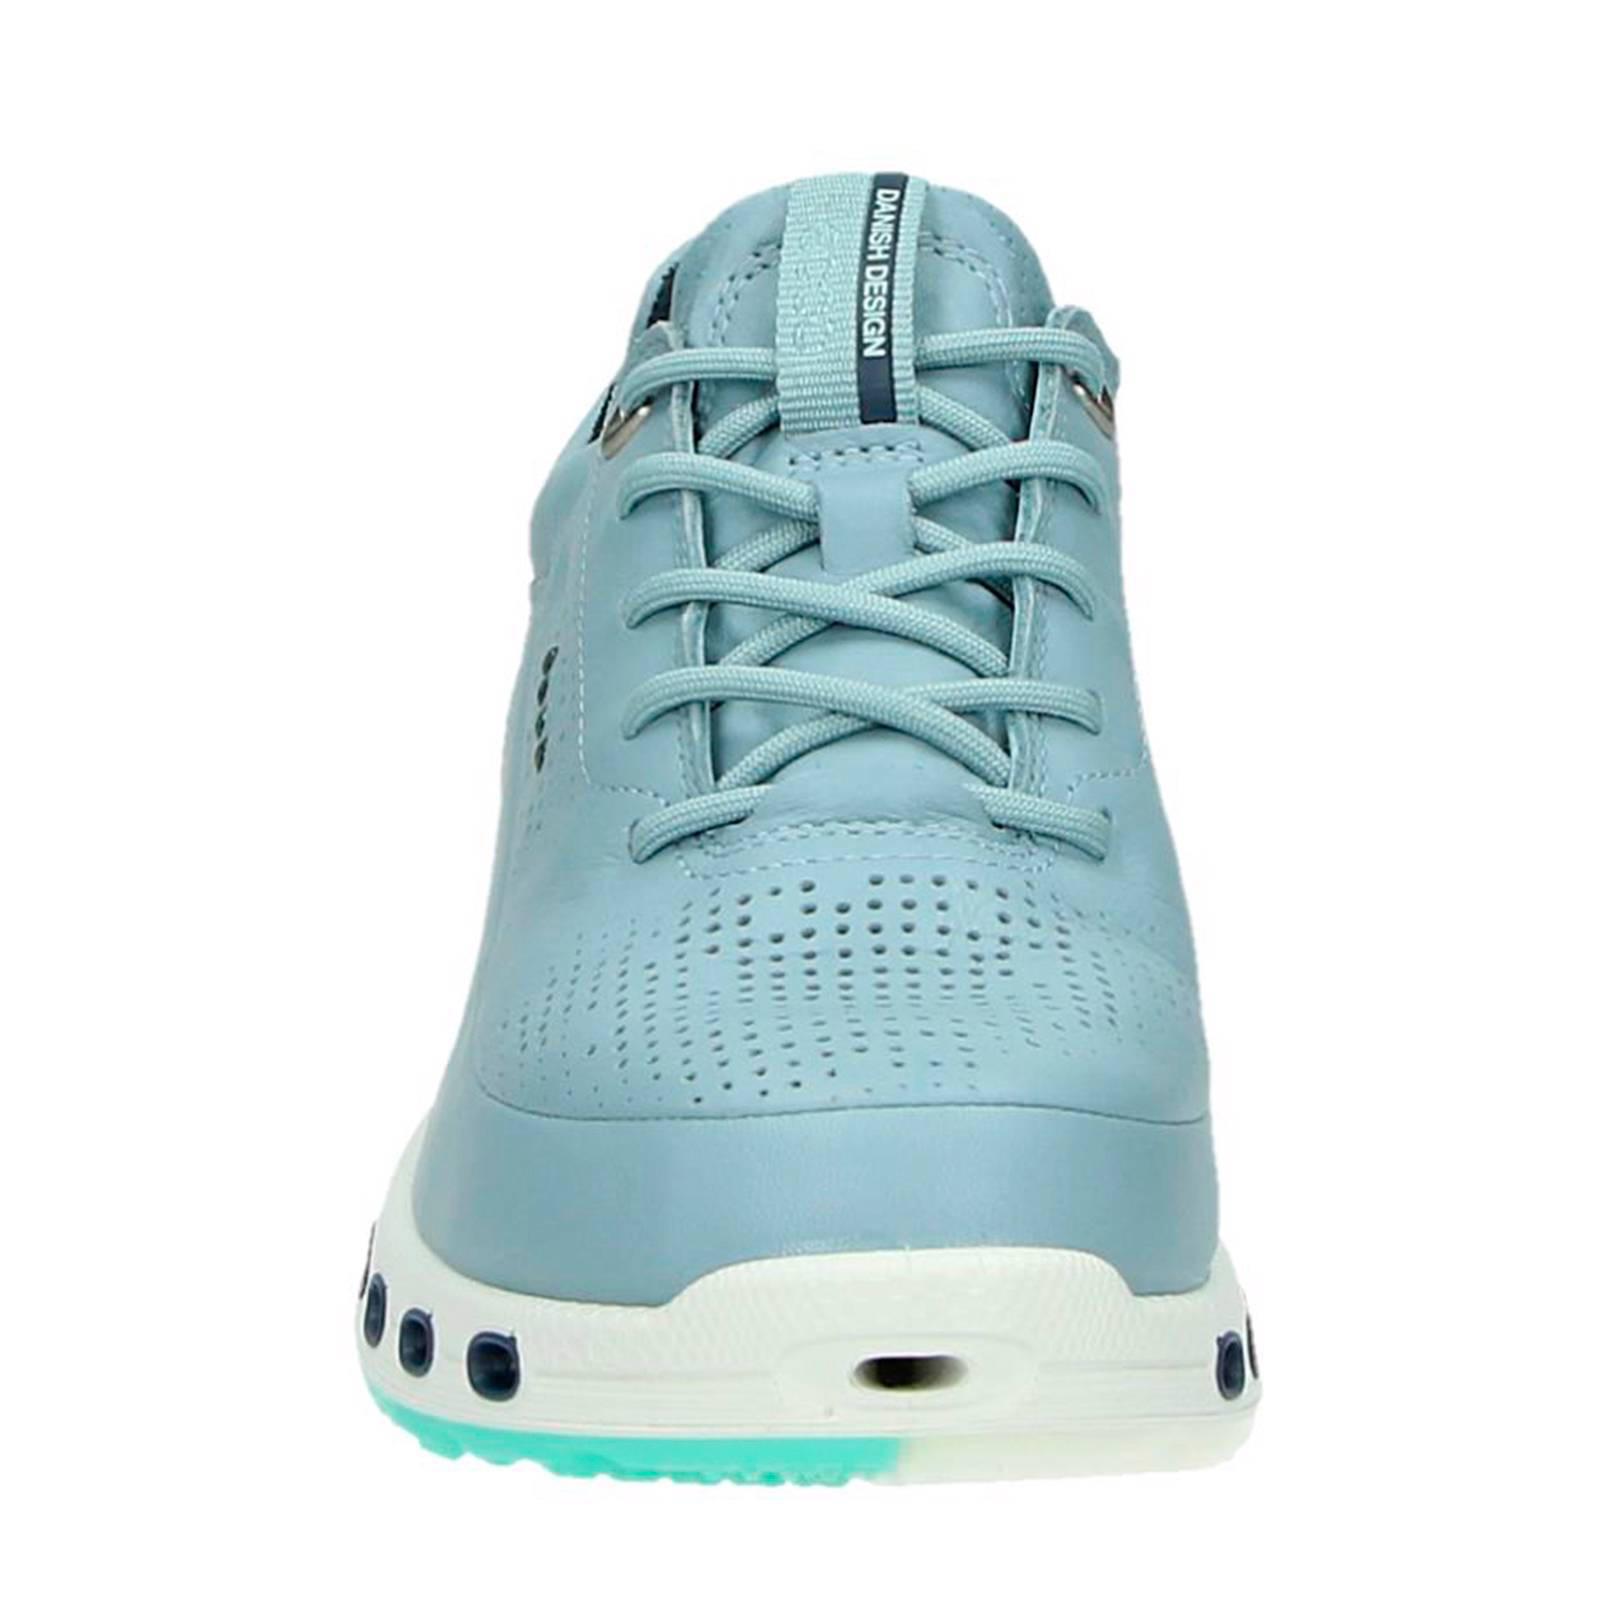 Ecco leren sneakers Cool 2.0 lichtblauw | wehkamp